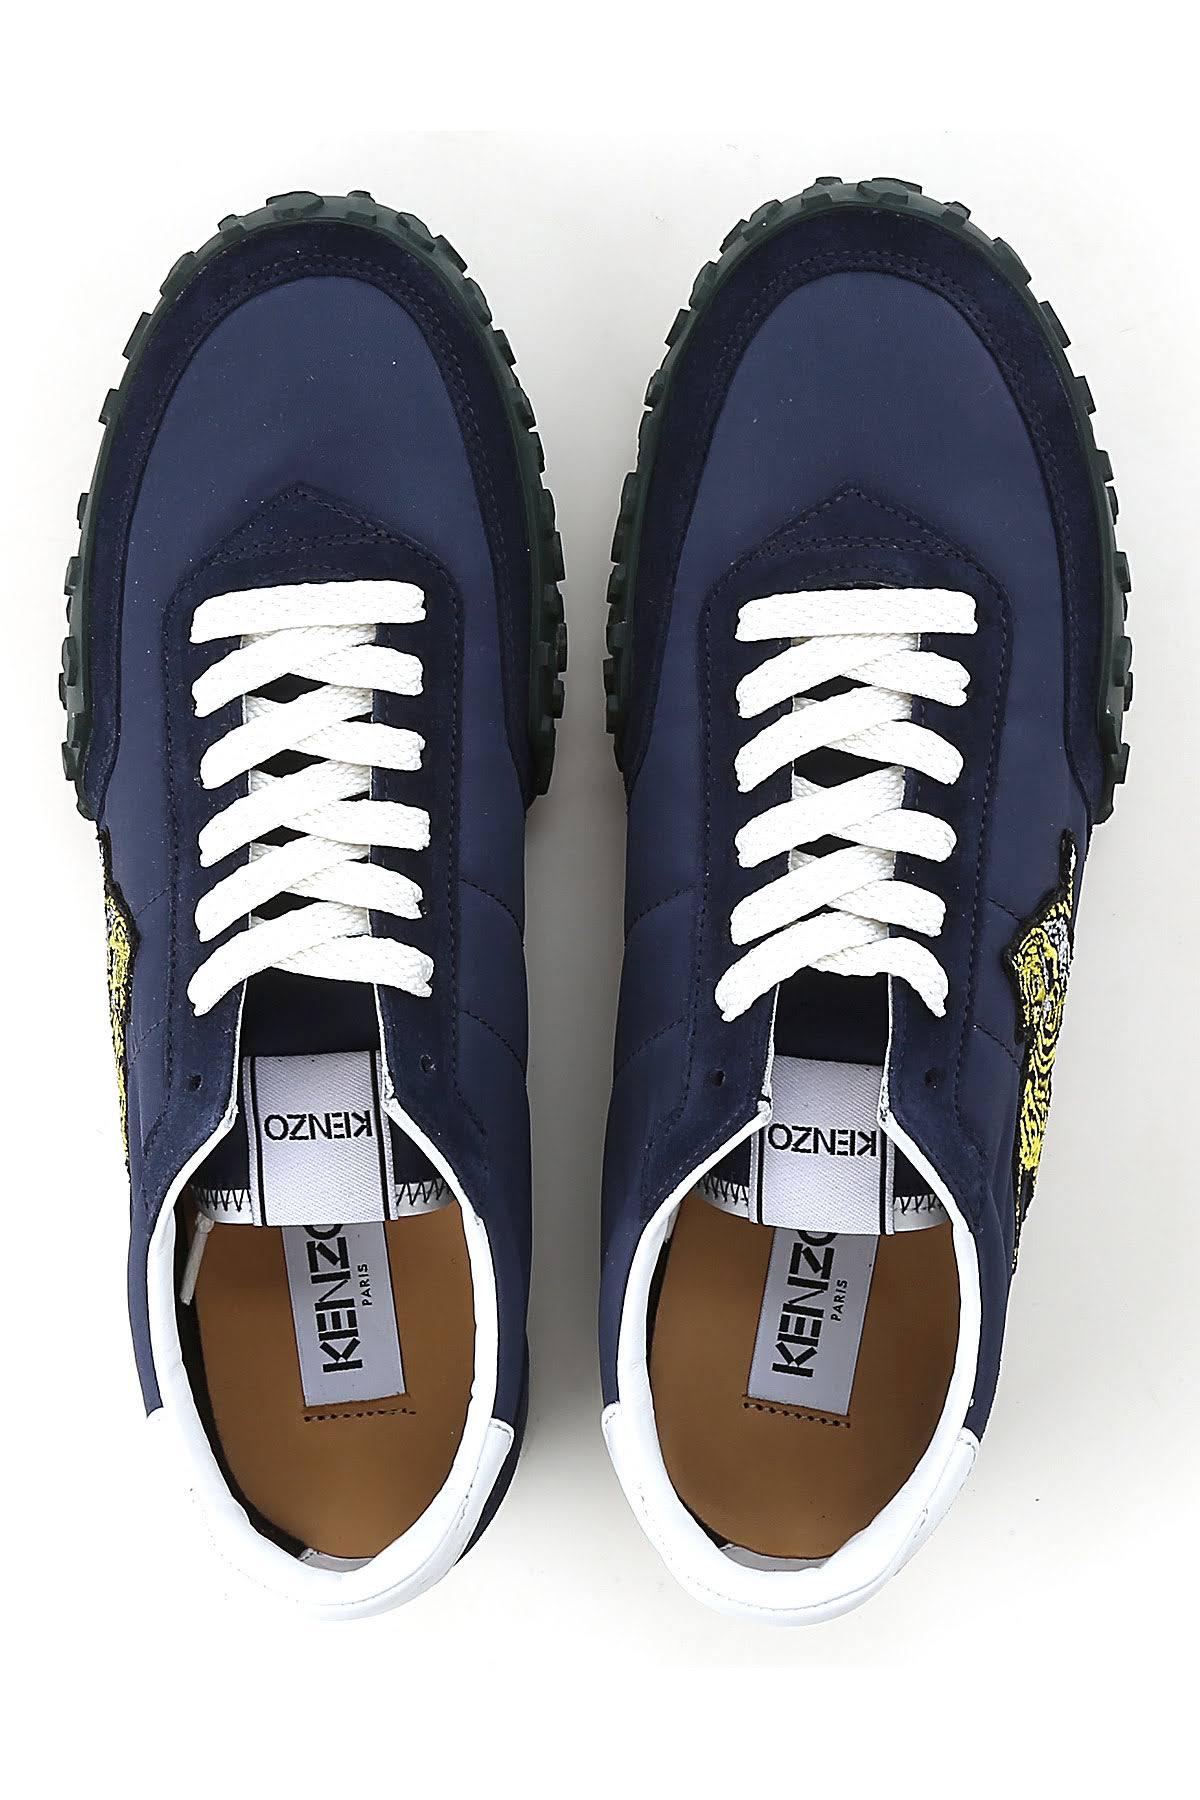 Sneakersblauw Sneakersblauw KenzoSuede KenzoSuede KenzoSuede KenzoSuede Sneakersblauw Sneakersblauw KenzoSuede Sneakersblauw KenzoSuede Sneakersblauw Sneakersblauw KenzoSuede EDH2I9